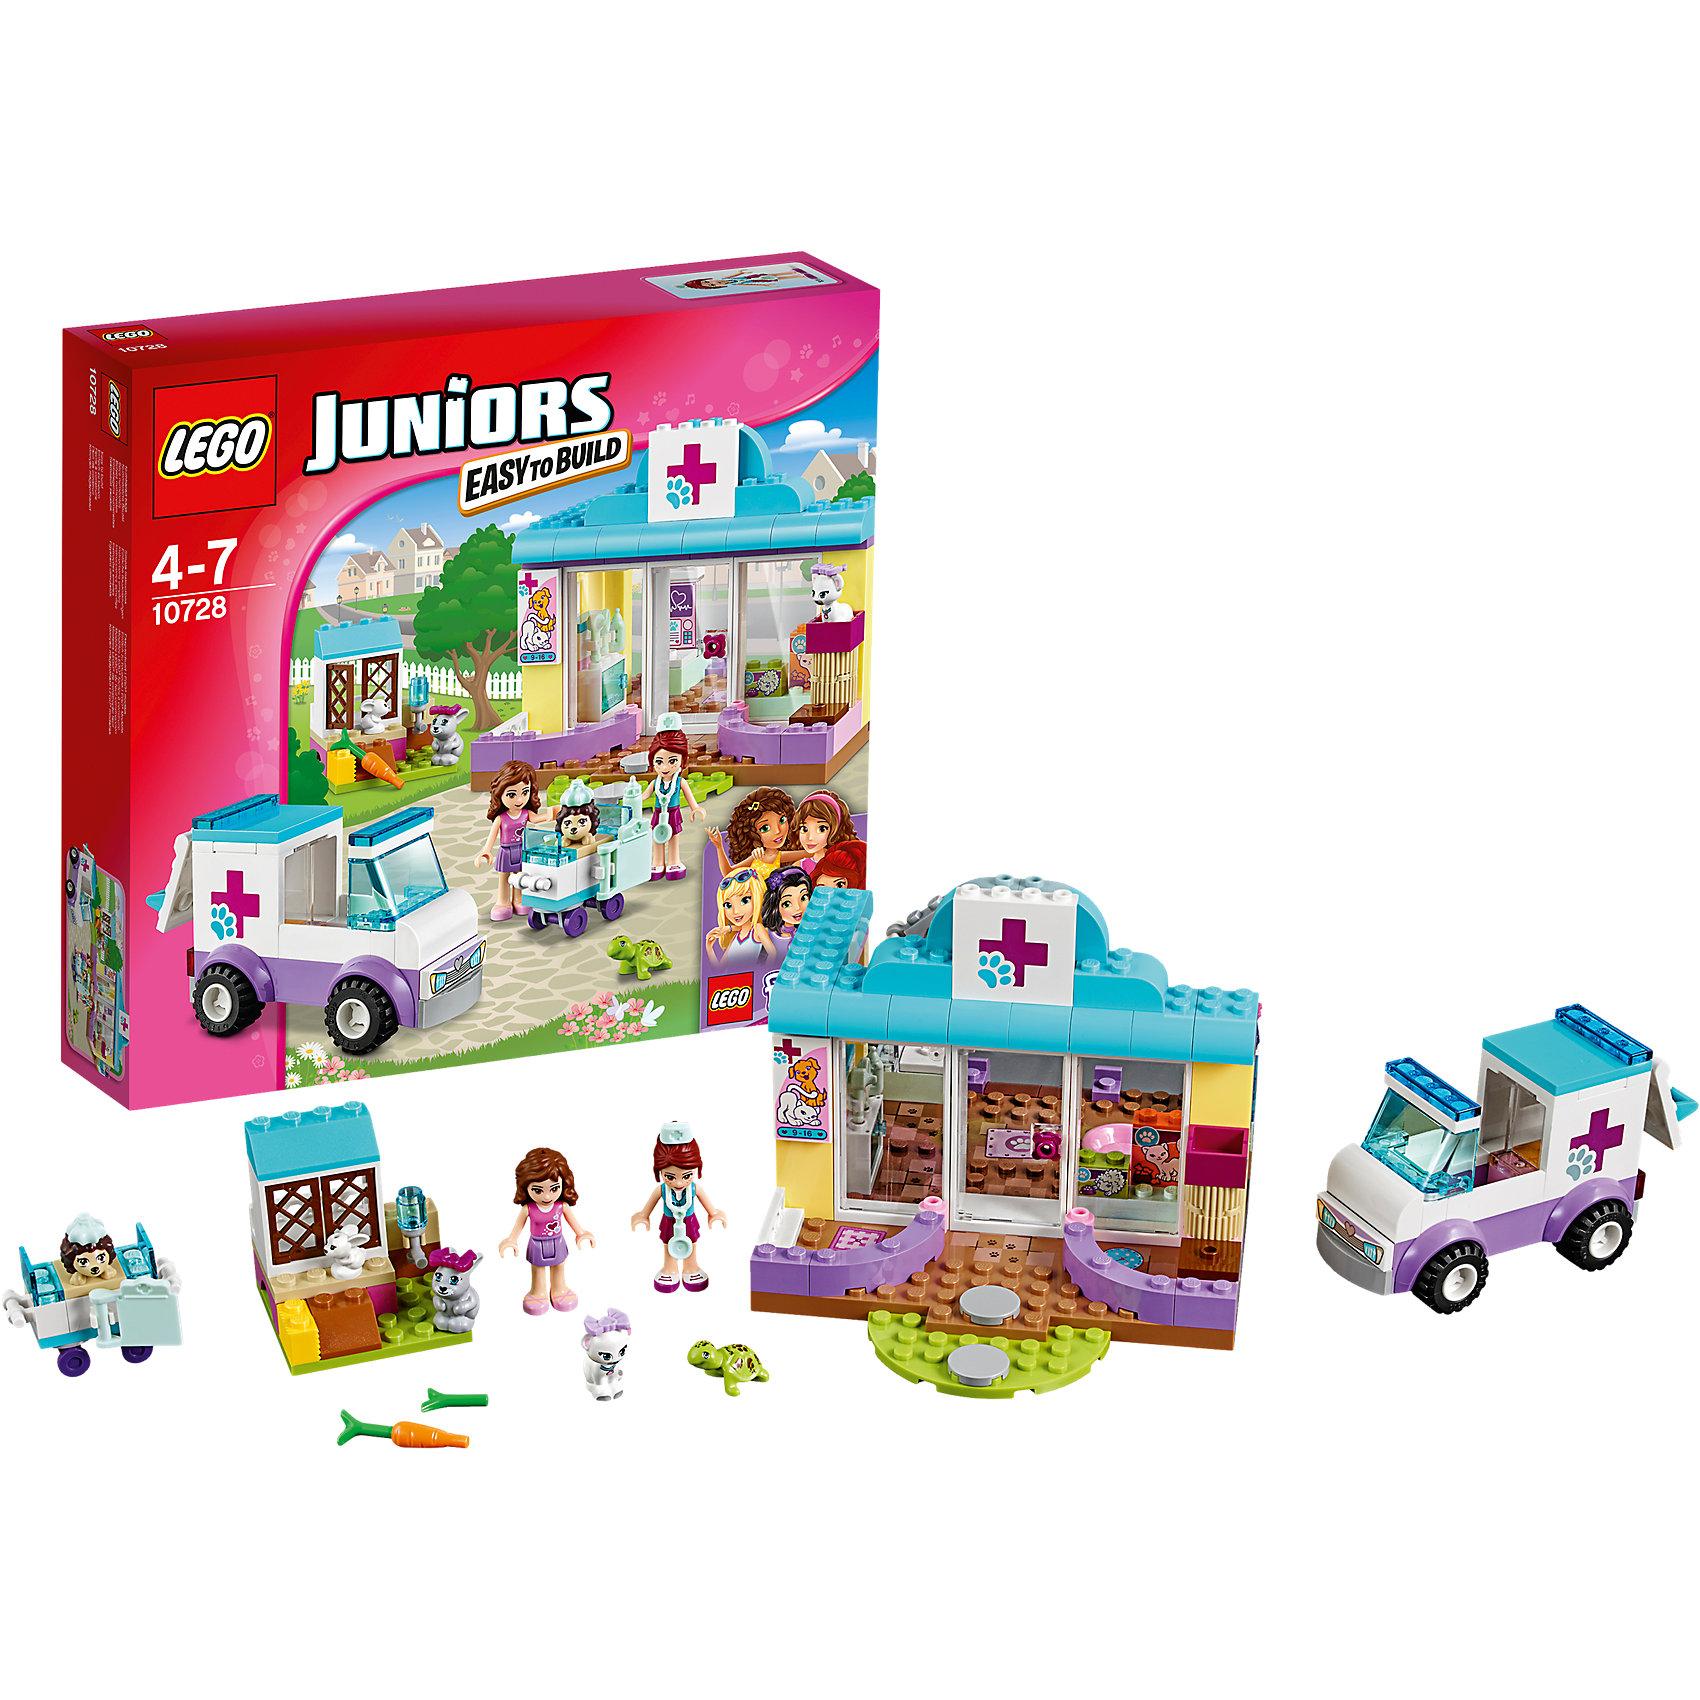 LEGO Juniors 10728: Ветеринарная клиника МииПластмассовые конструкторы<br>Играть с конструктором обожает множество современных девочек, поэтому набор Лего, из которого можно собрать разные сюжеты про героев и её приключения, обязательно порадует ребенка. Такие игрушки помогают детям развивать воображение, мелкую моторику, логику и творческое мышление.<br>Набор состоит из множества деталей, с помощью которых можно  собрать декорации для игр, а также в нем есть фигурки любимых персонажей! С таким комплектом можно придумать множество игр!<br><br>Дополнительная информация:<br><br>цвет: разноцветный;<br>размер коробки: 28 х 26 х 6 см;<br>вес: 450 г;<br>материал: пластик;<br>количество деталей: 173.<br><br>Набор Ветеринарная клиника Мии от бренда LEGO Juniors можно купить в нашем магазине.<br><br>Ширина мм: 287<br>Глубина мм: 261<br>Высота мм: 63<br>Вес г: 458<br>Возраст от месяцев: 48<br>Возраст до месяцев: 84<br>Пол: Женский<br>Возраст: Детский<br>SKU: 4641213